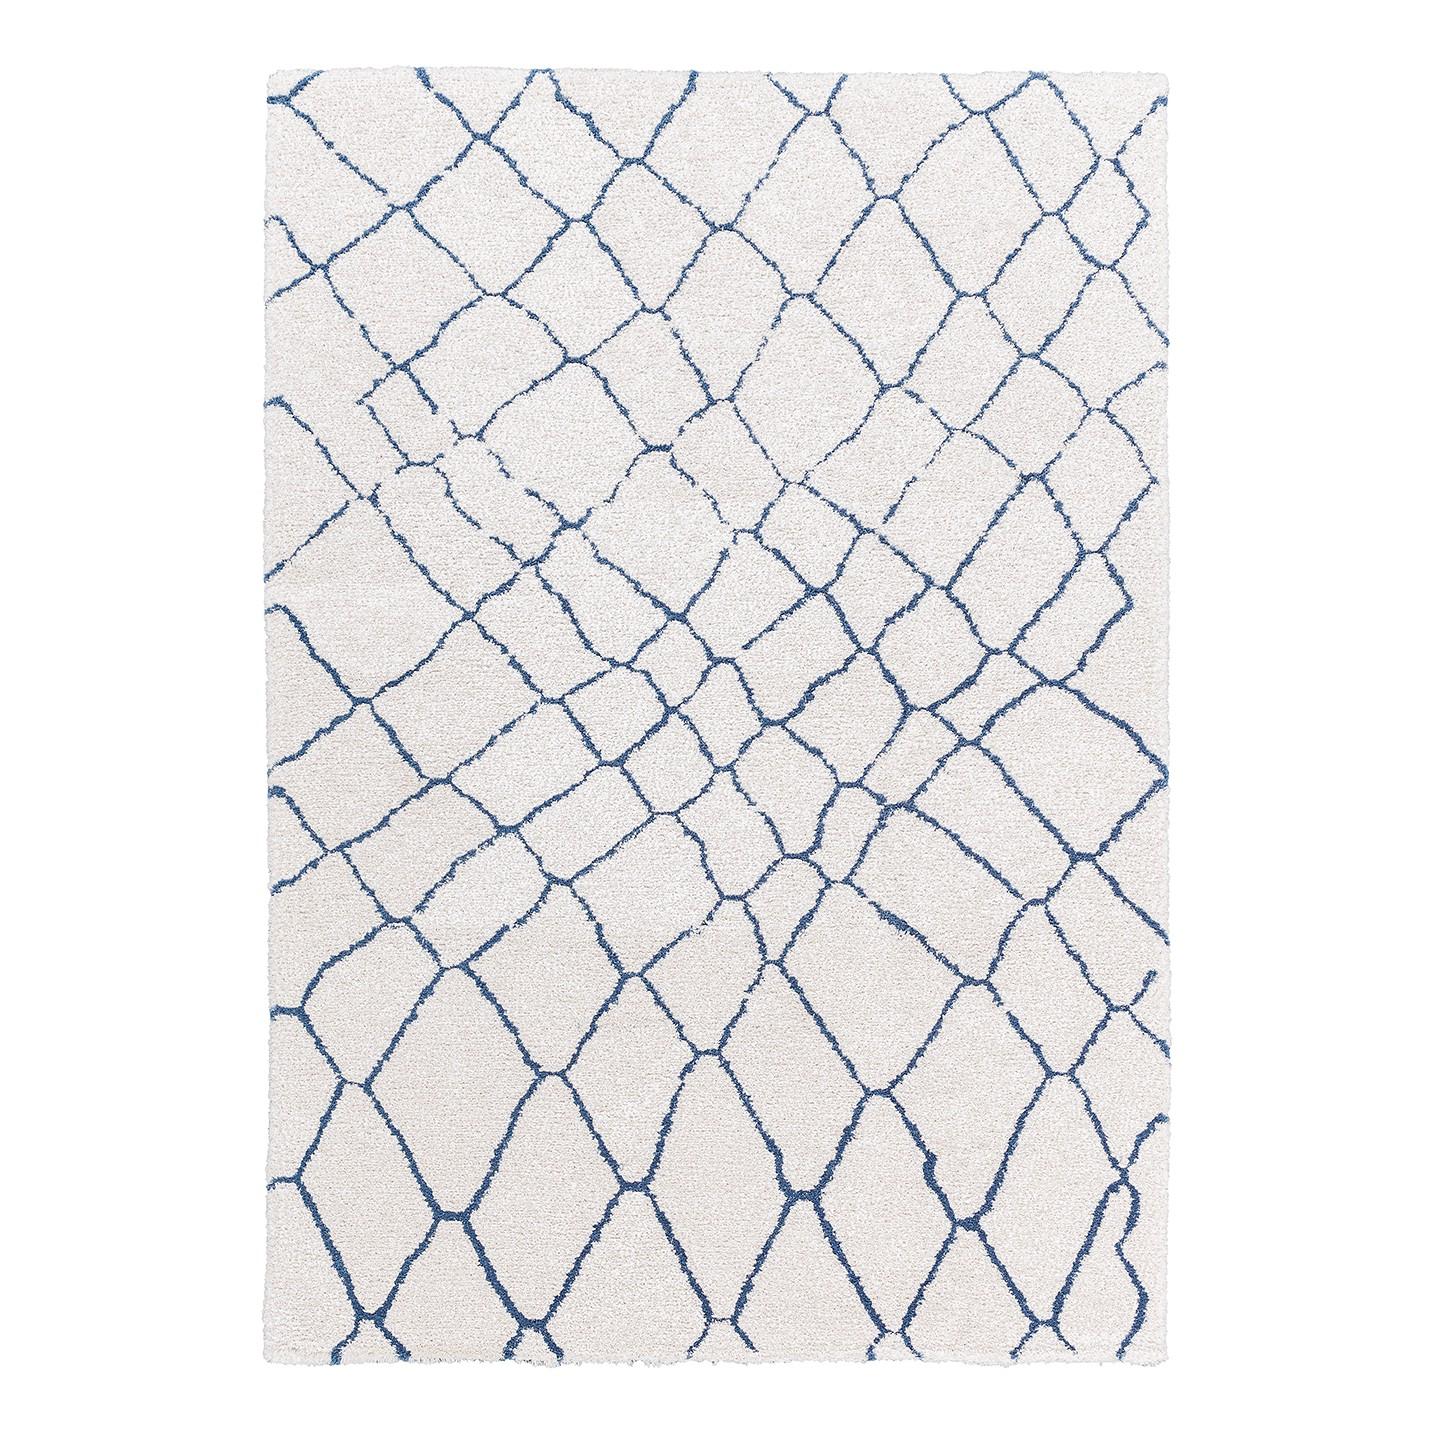 Teppich Dream - Kunstfaser - Cremeweiß - 120 x 180 cm, Schöner Wohnen Kollektion